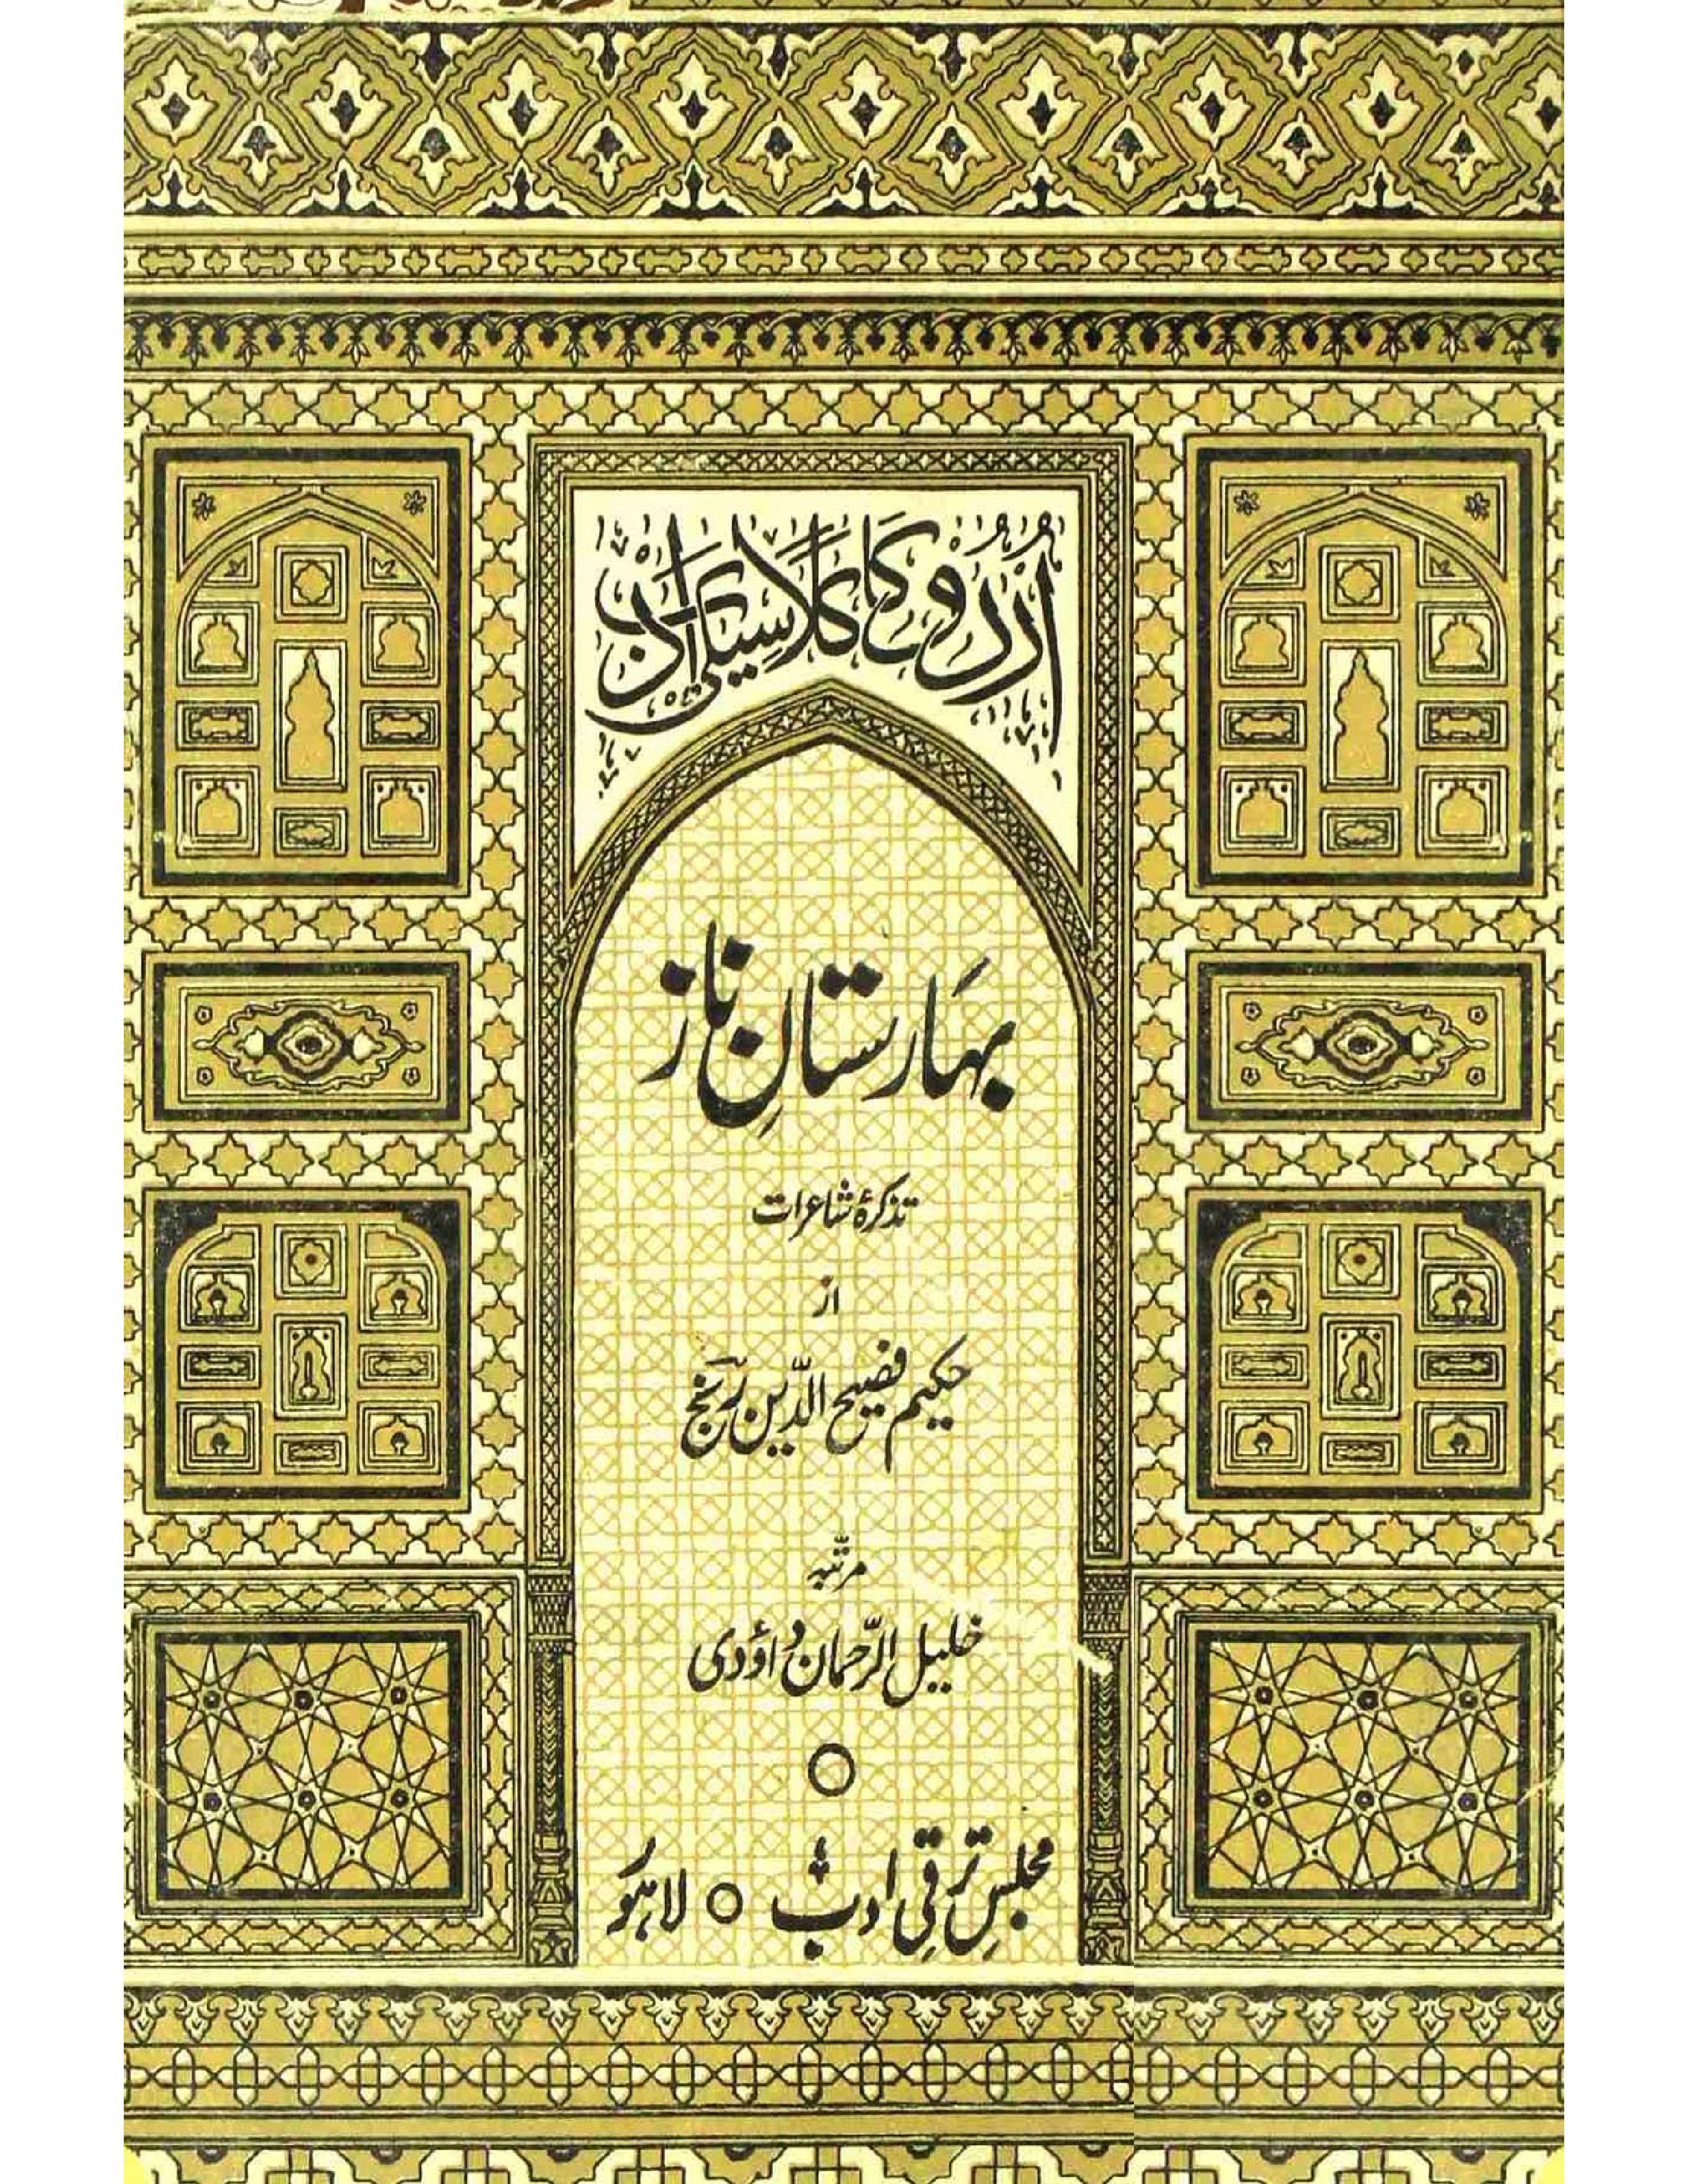 Baharistan-e-Naaz